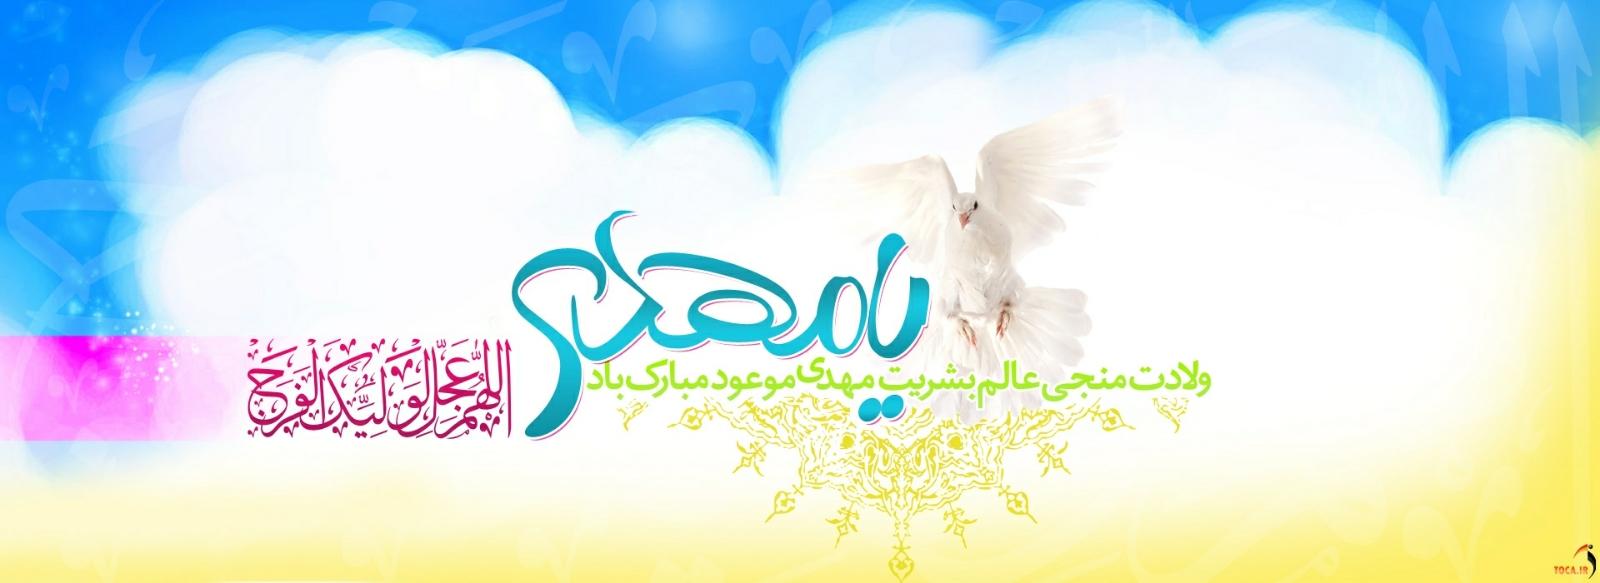 www-toca_-ir_1371888398__700_1920